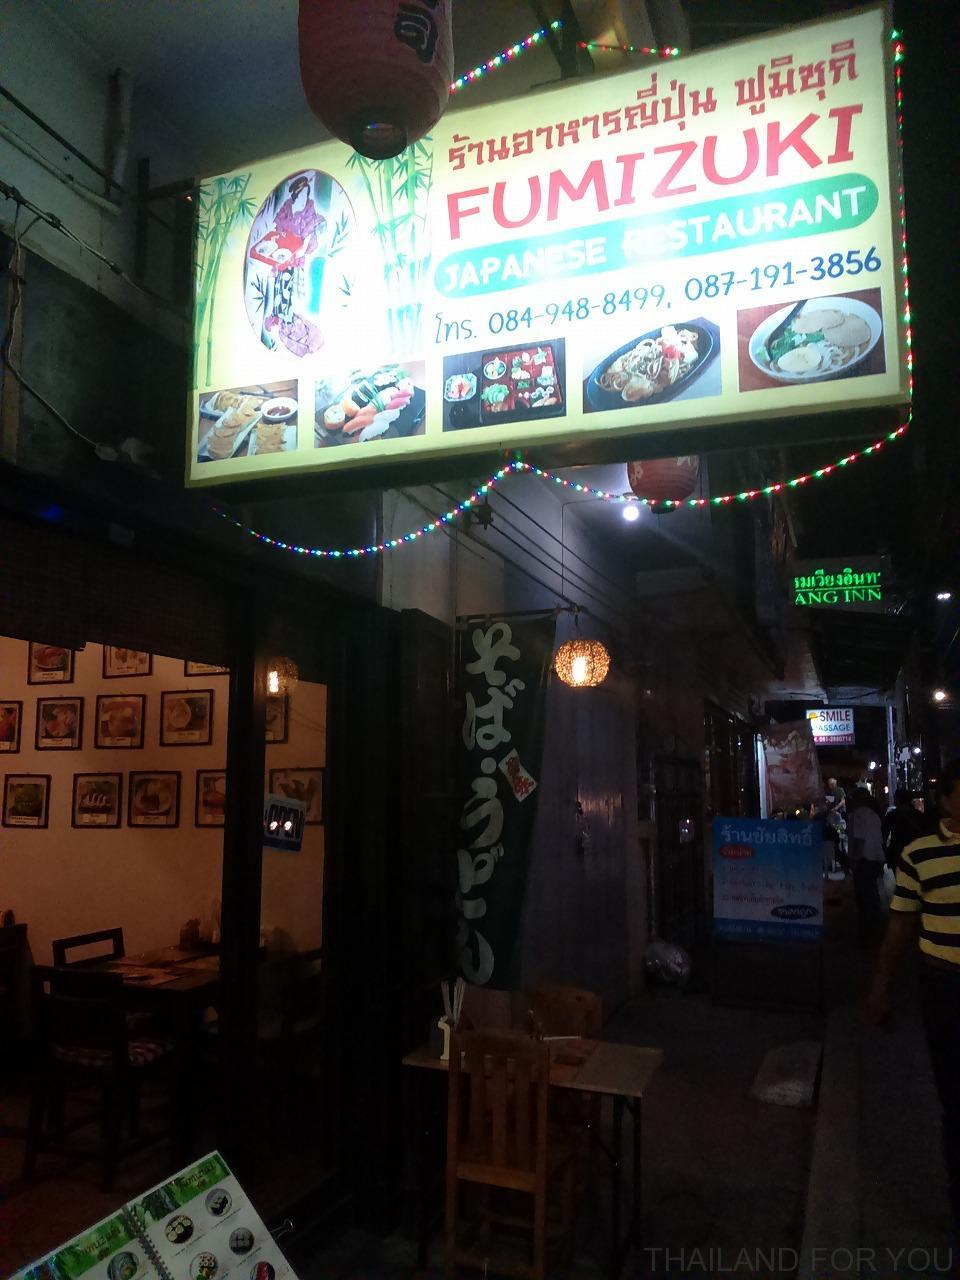 チェンライ 日本食 文月 FUMIZUKI 写真